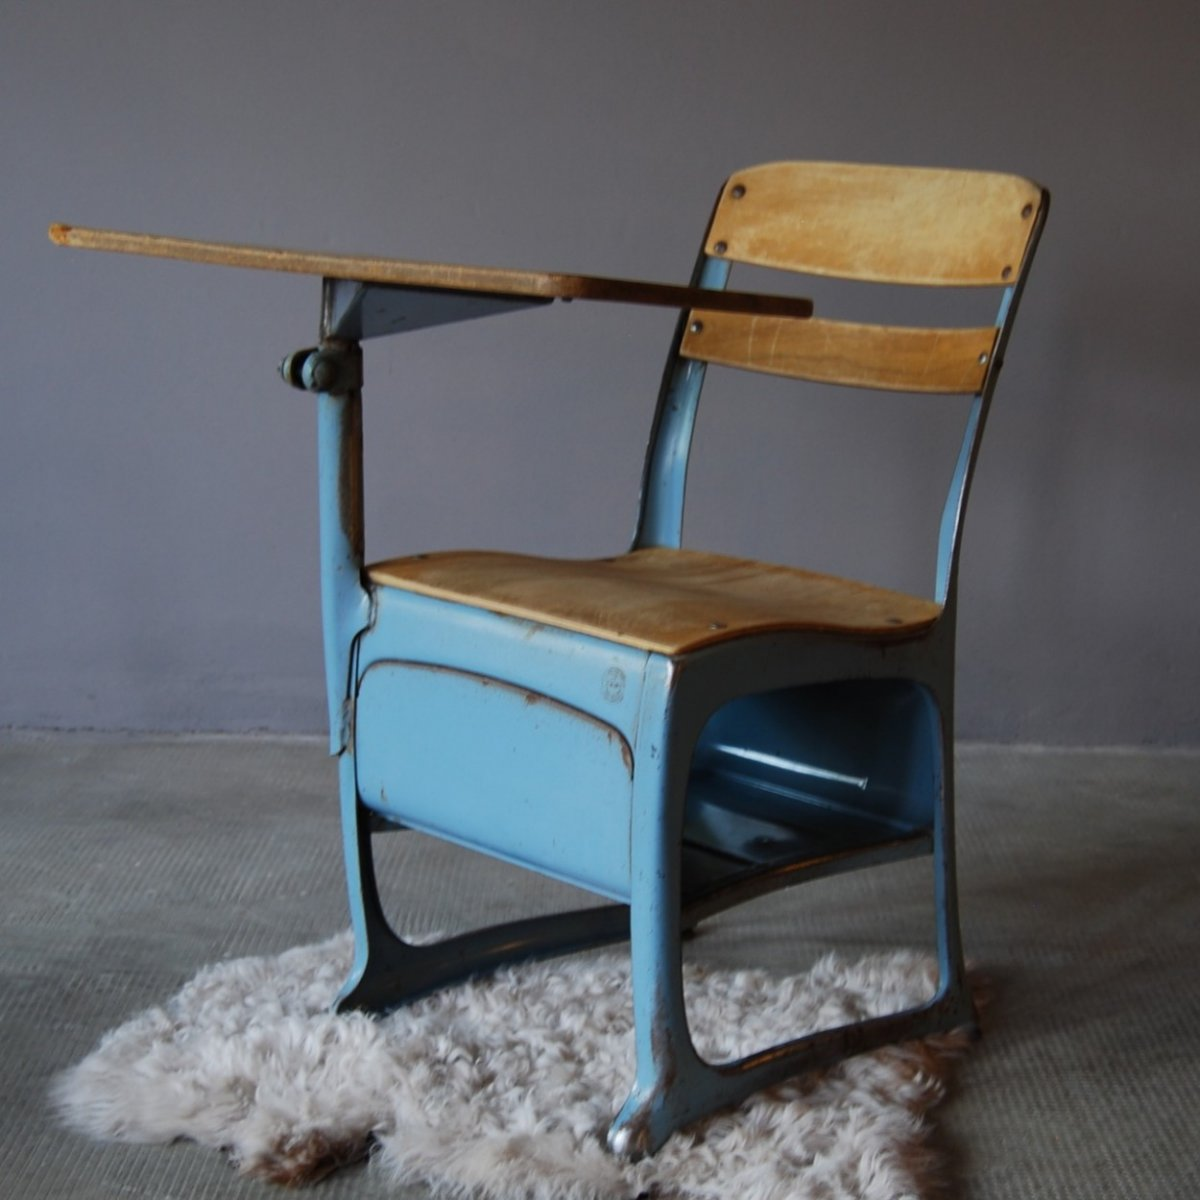 Muebles vintage para habitaciones infantiles decoraci n for Muebles de diseno vintage